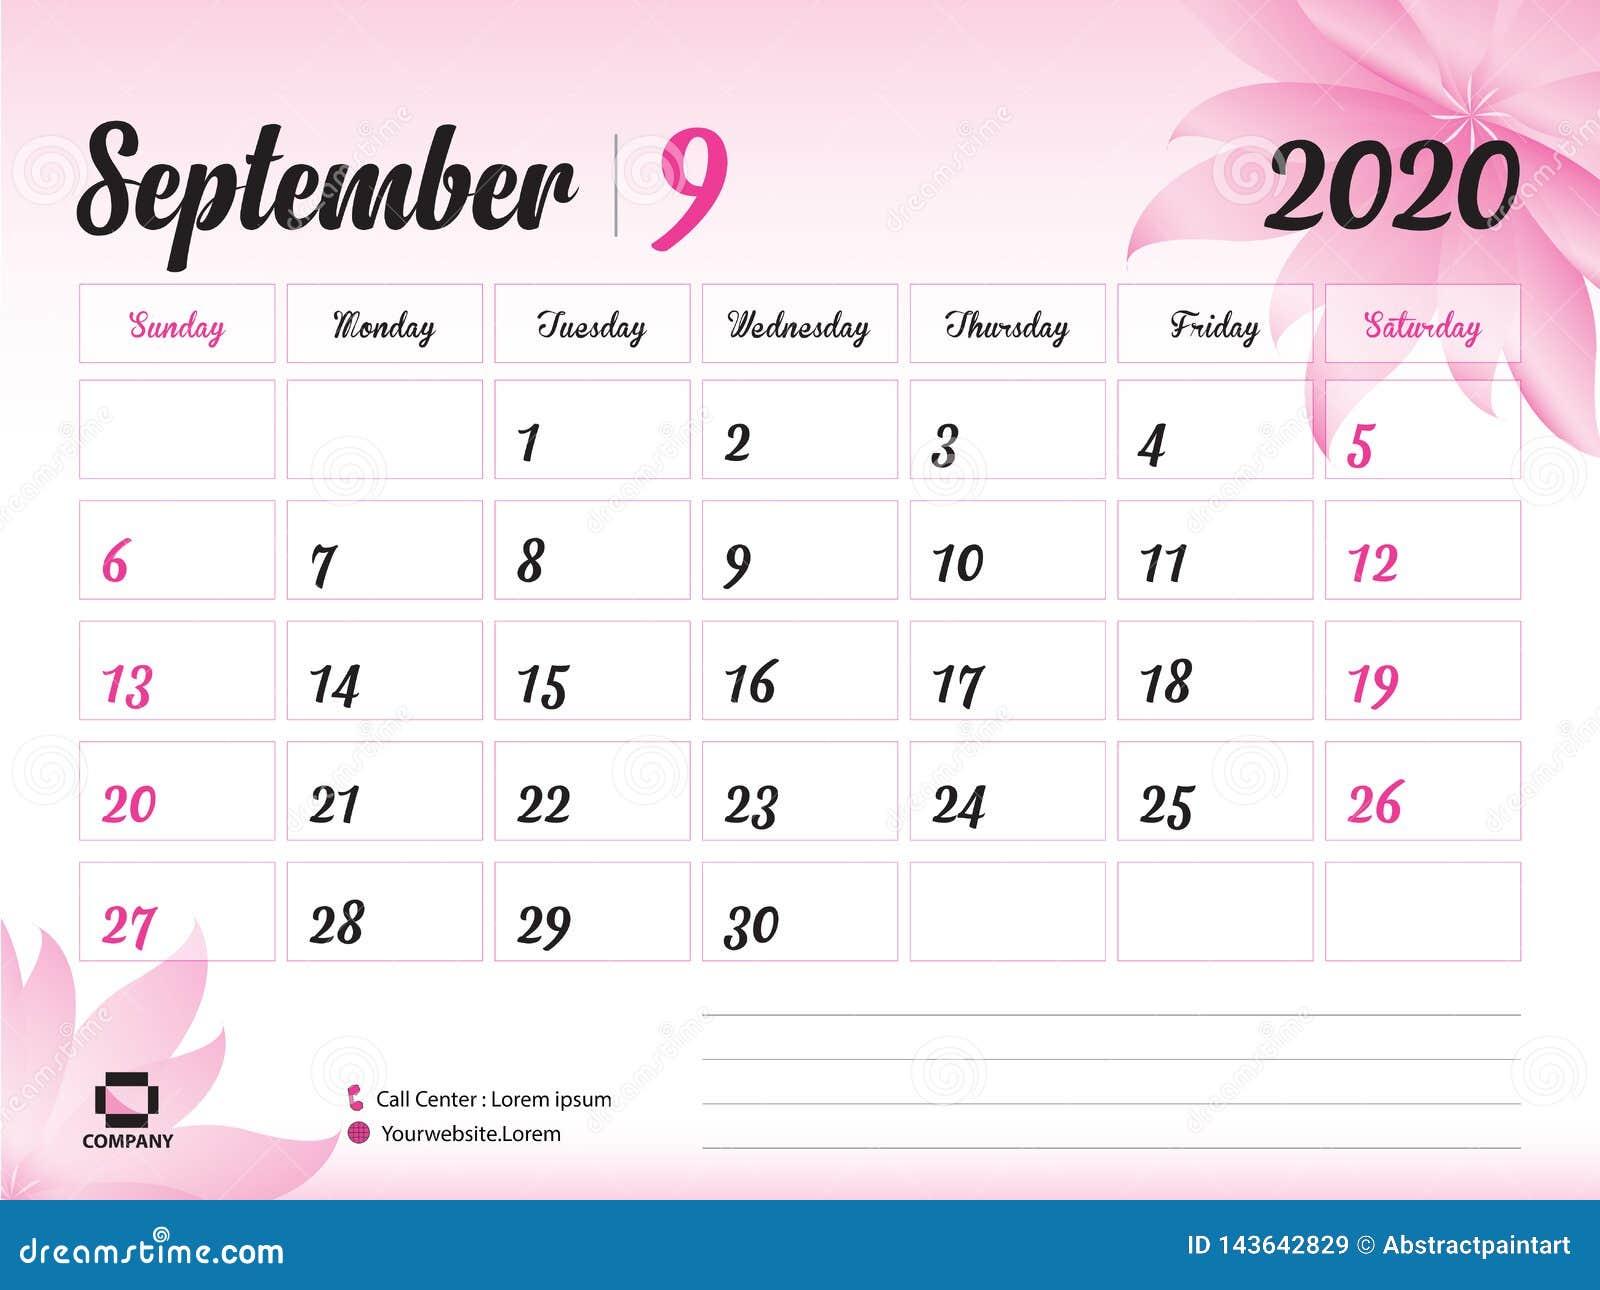 Calendrier Septembre 2020.Septembre 2020 Calibre D Annee Vecteur Du Calendrier 2020